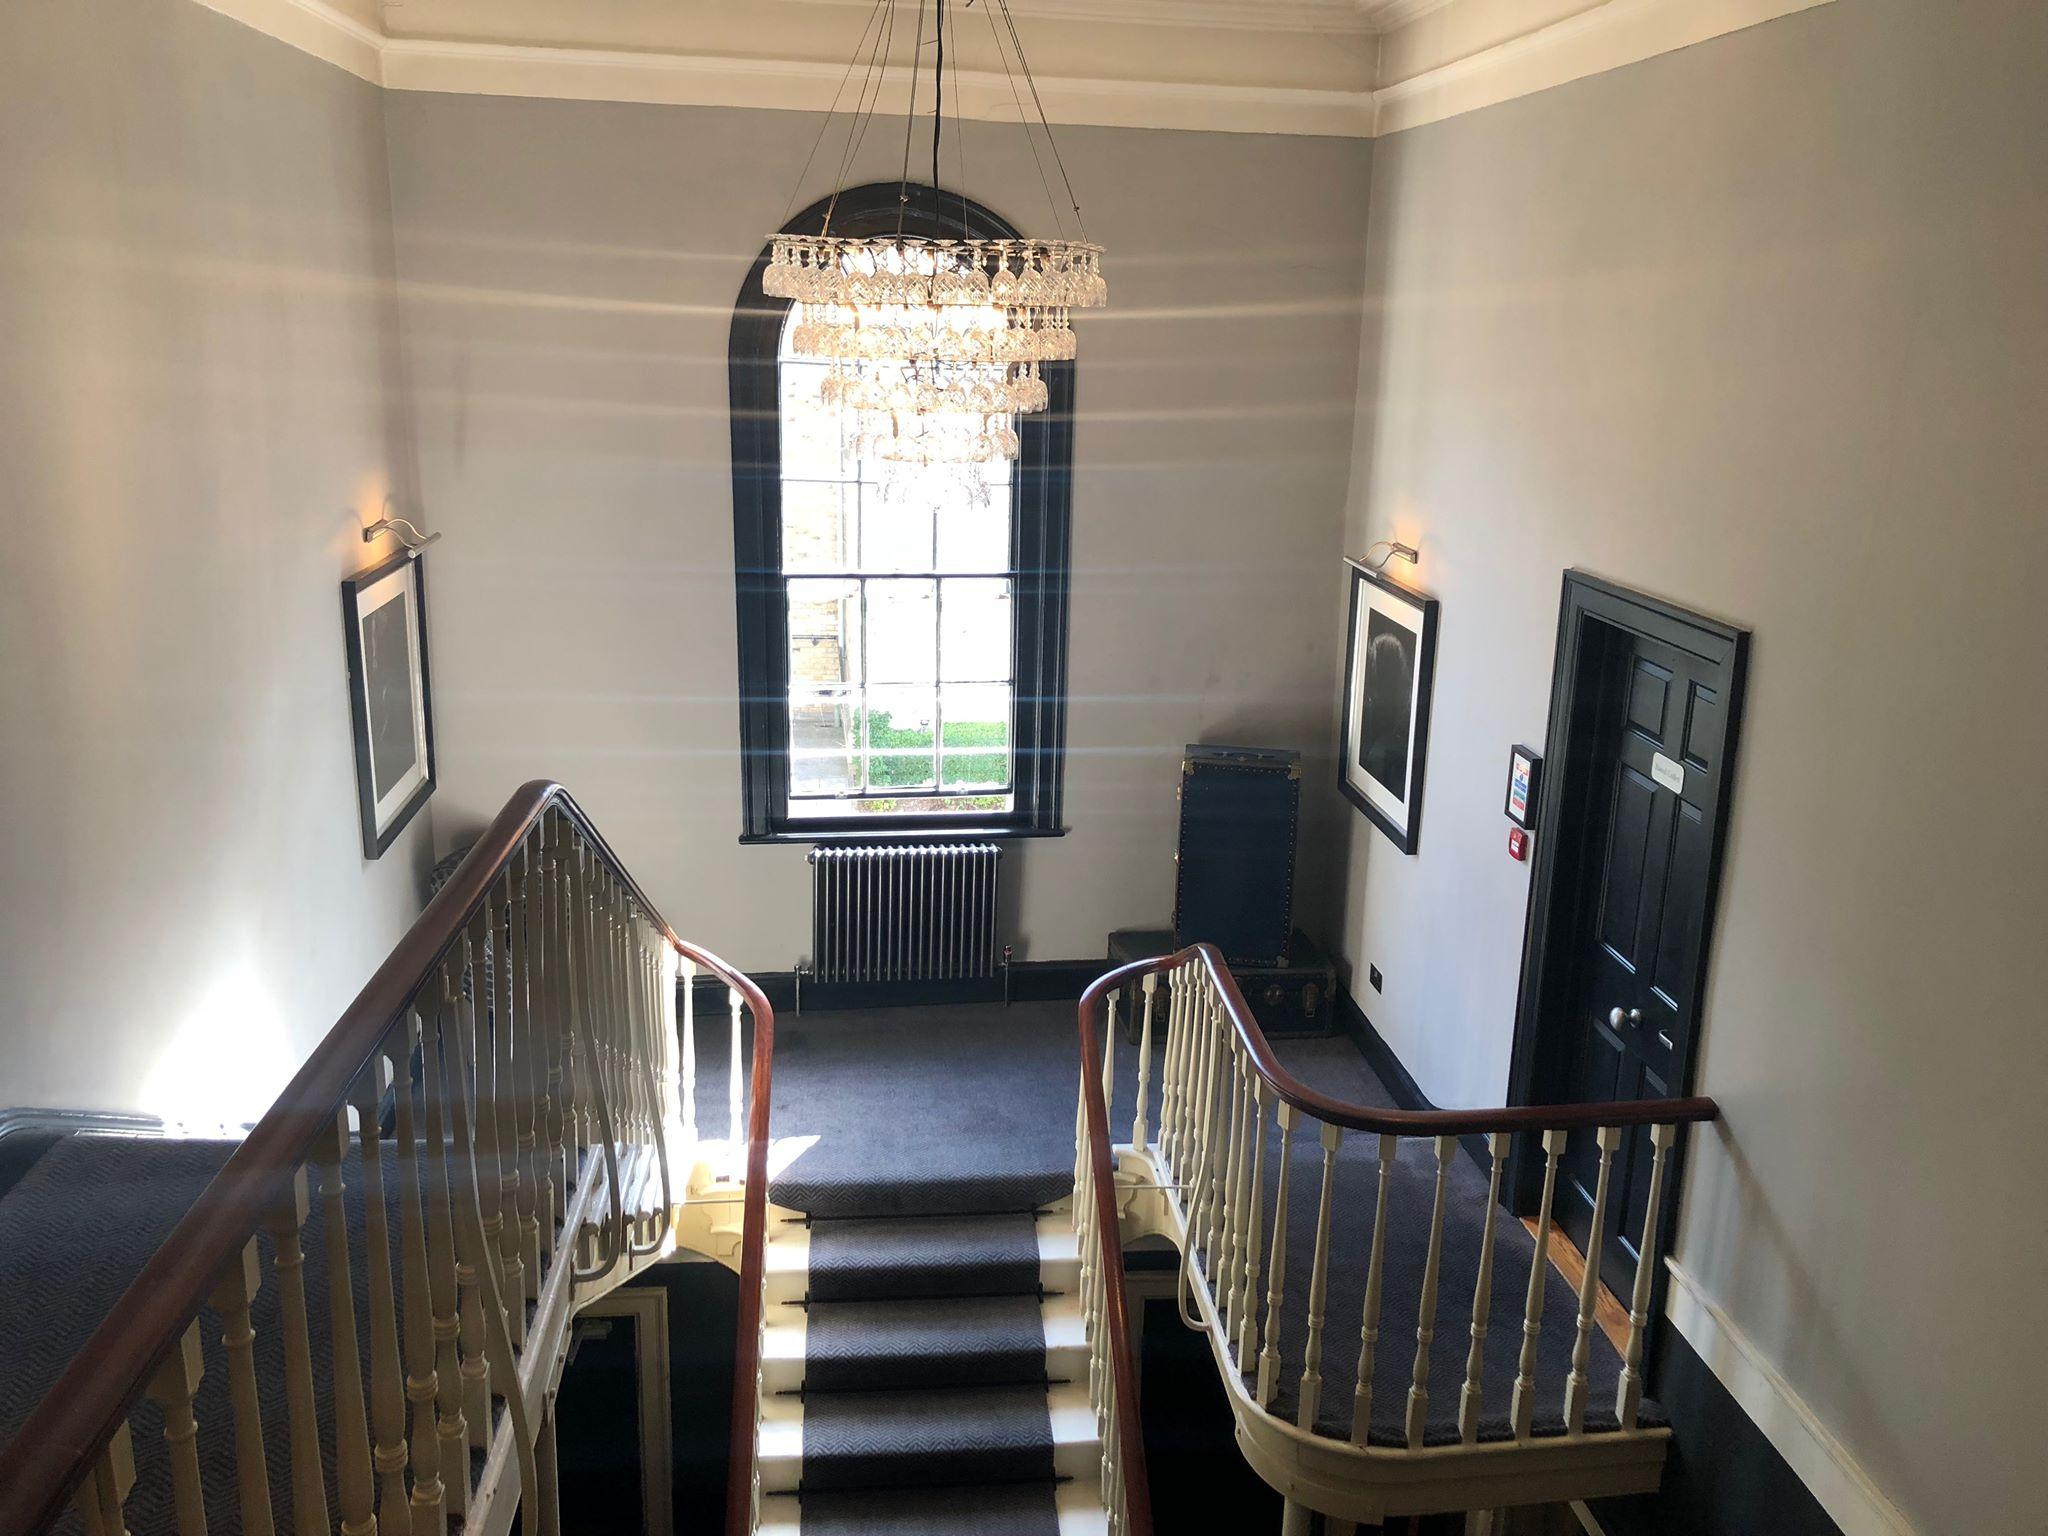 hotel du vin and bistro stairway